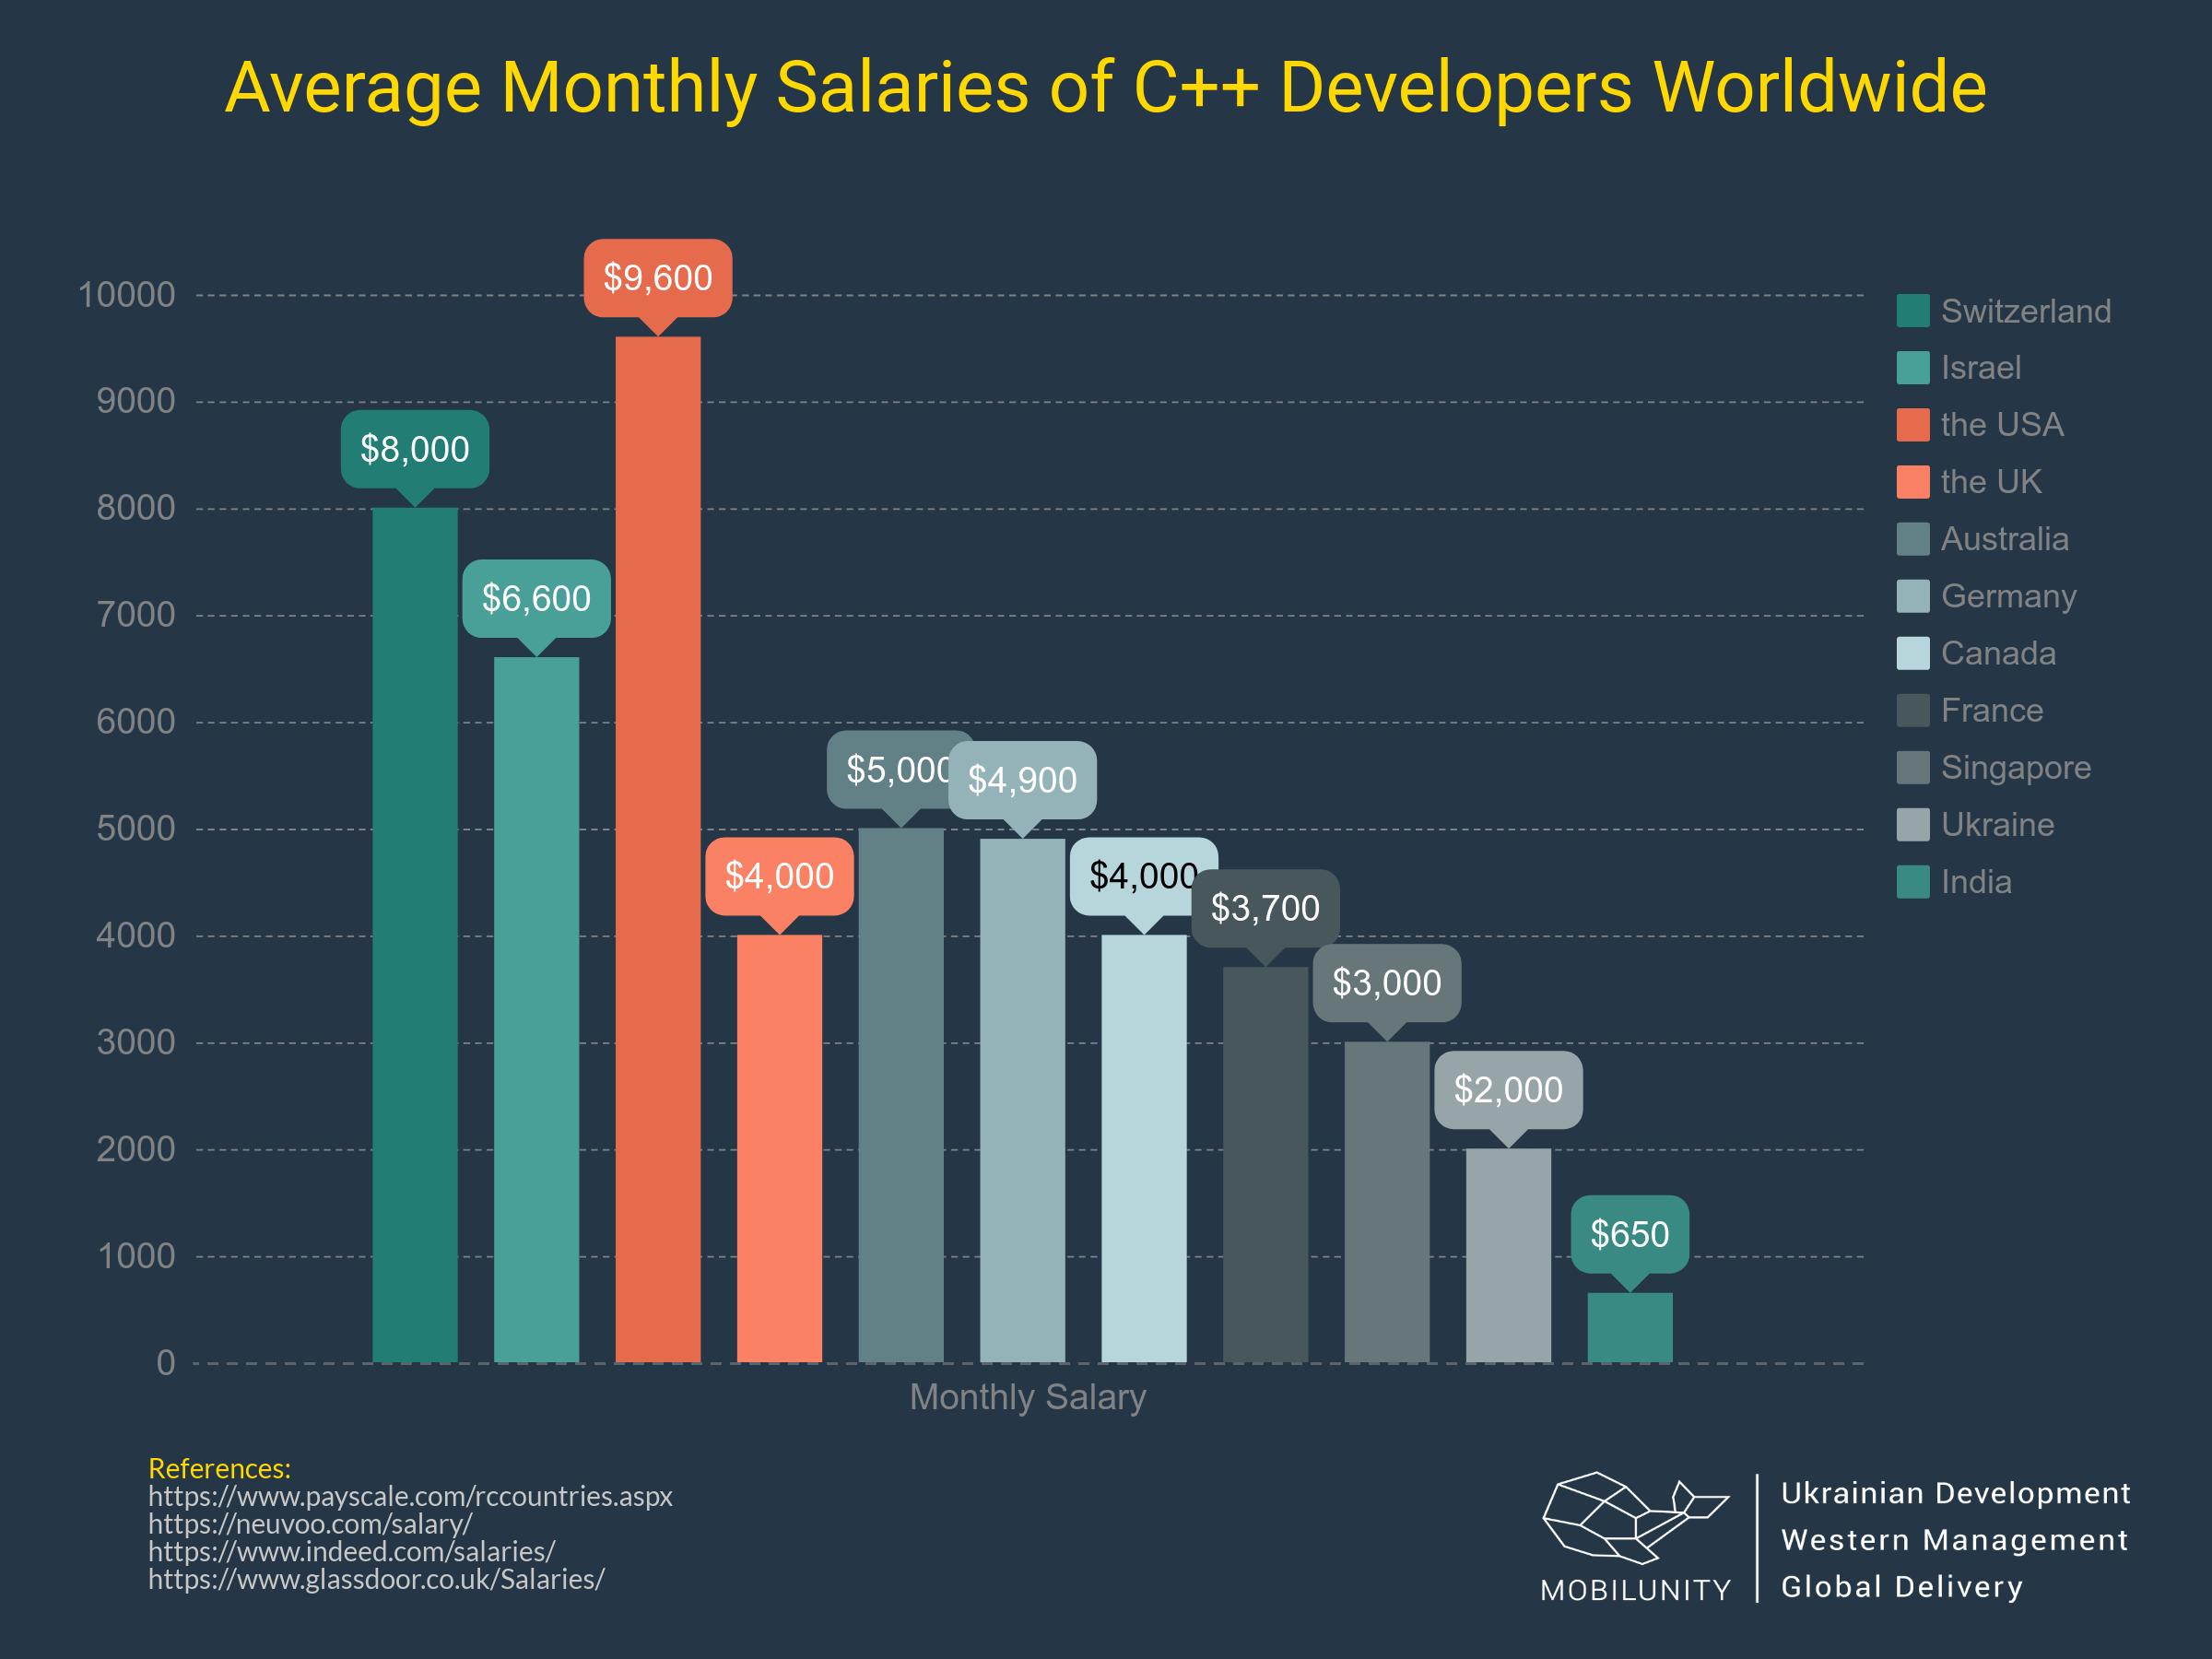 c++ program employee salary worldwide